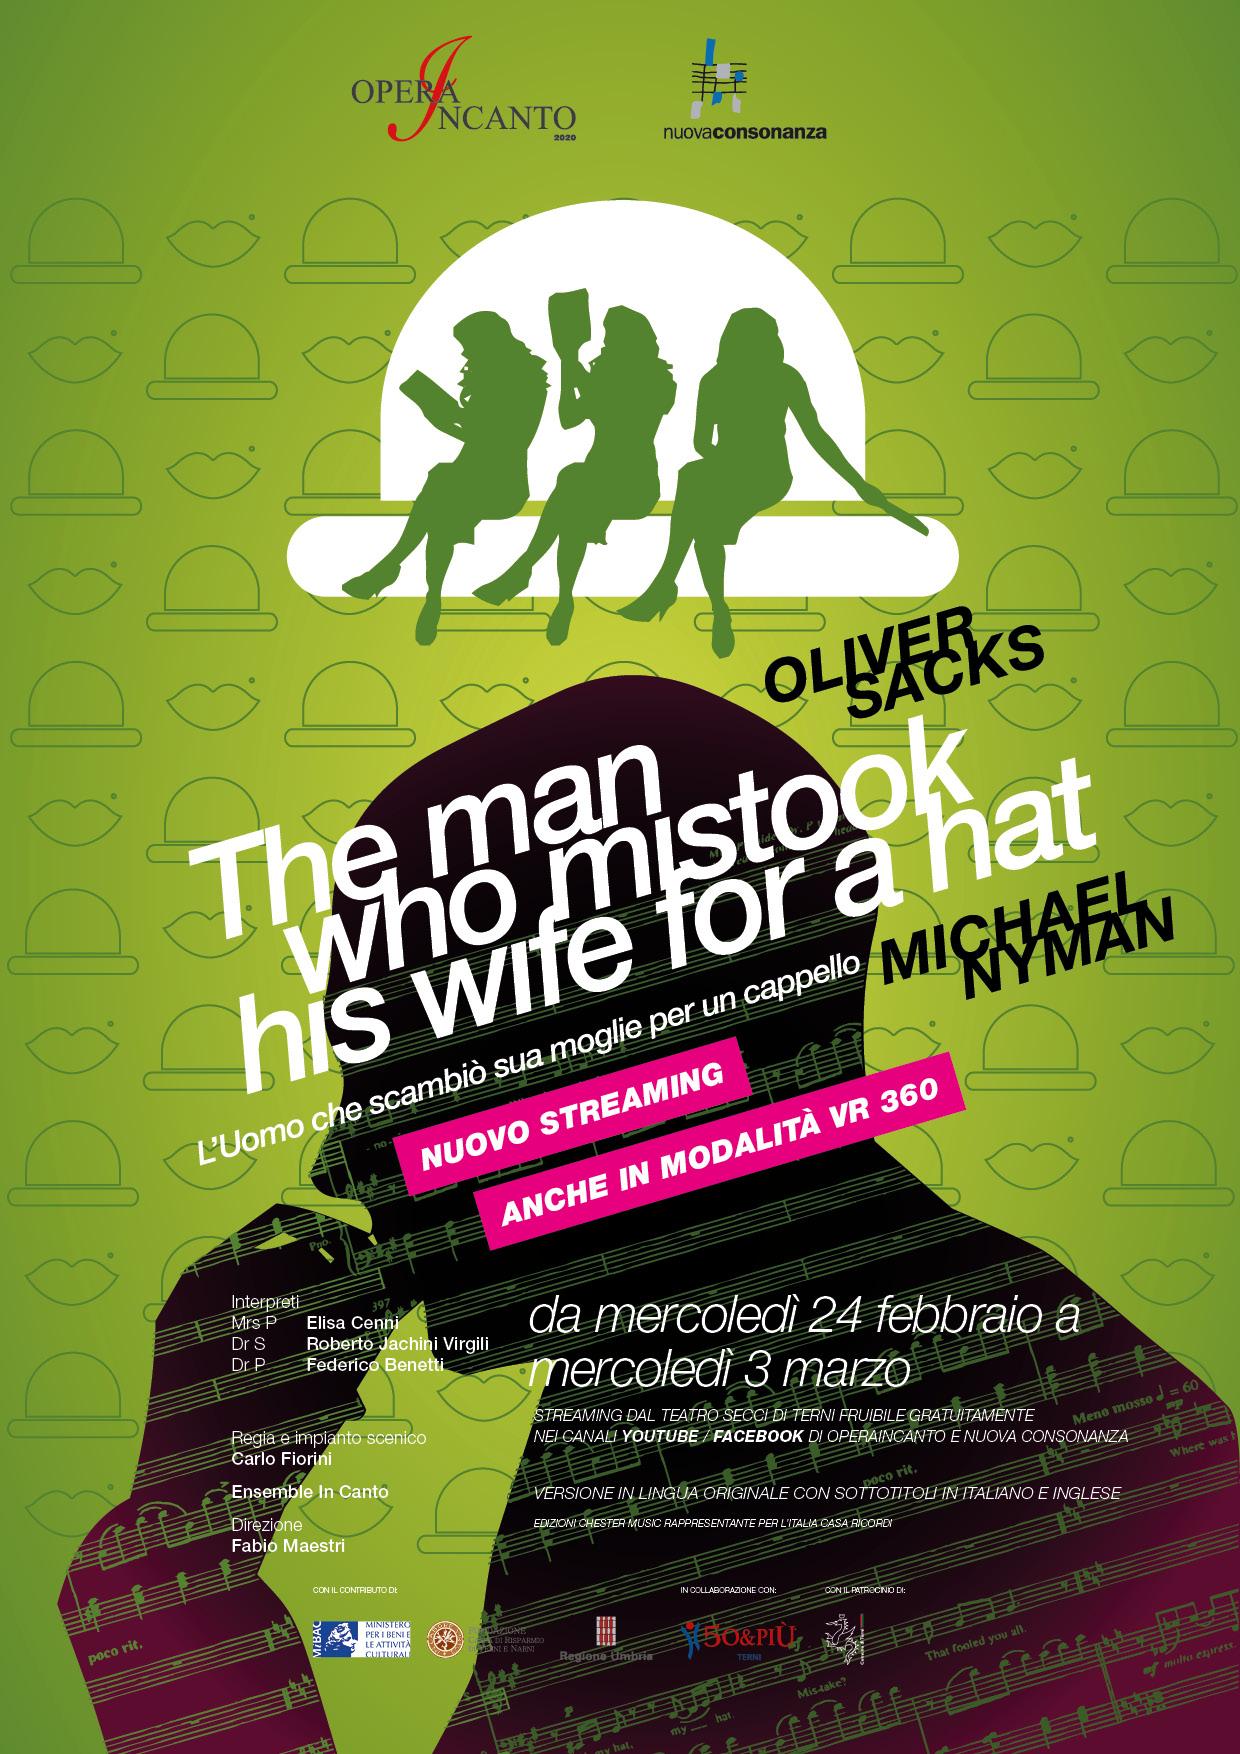 L'Uomo che scambiò sua moglie per un cappello